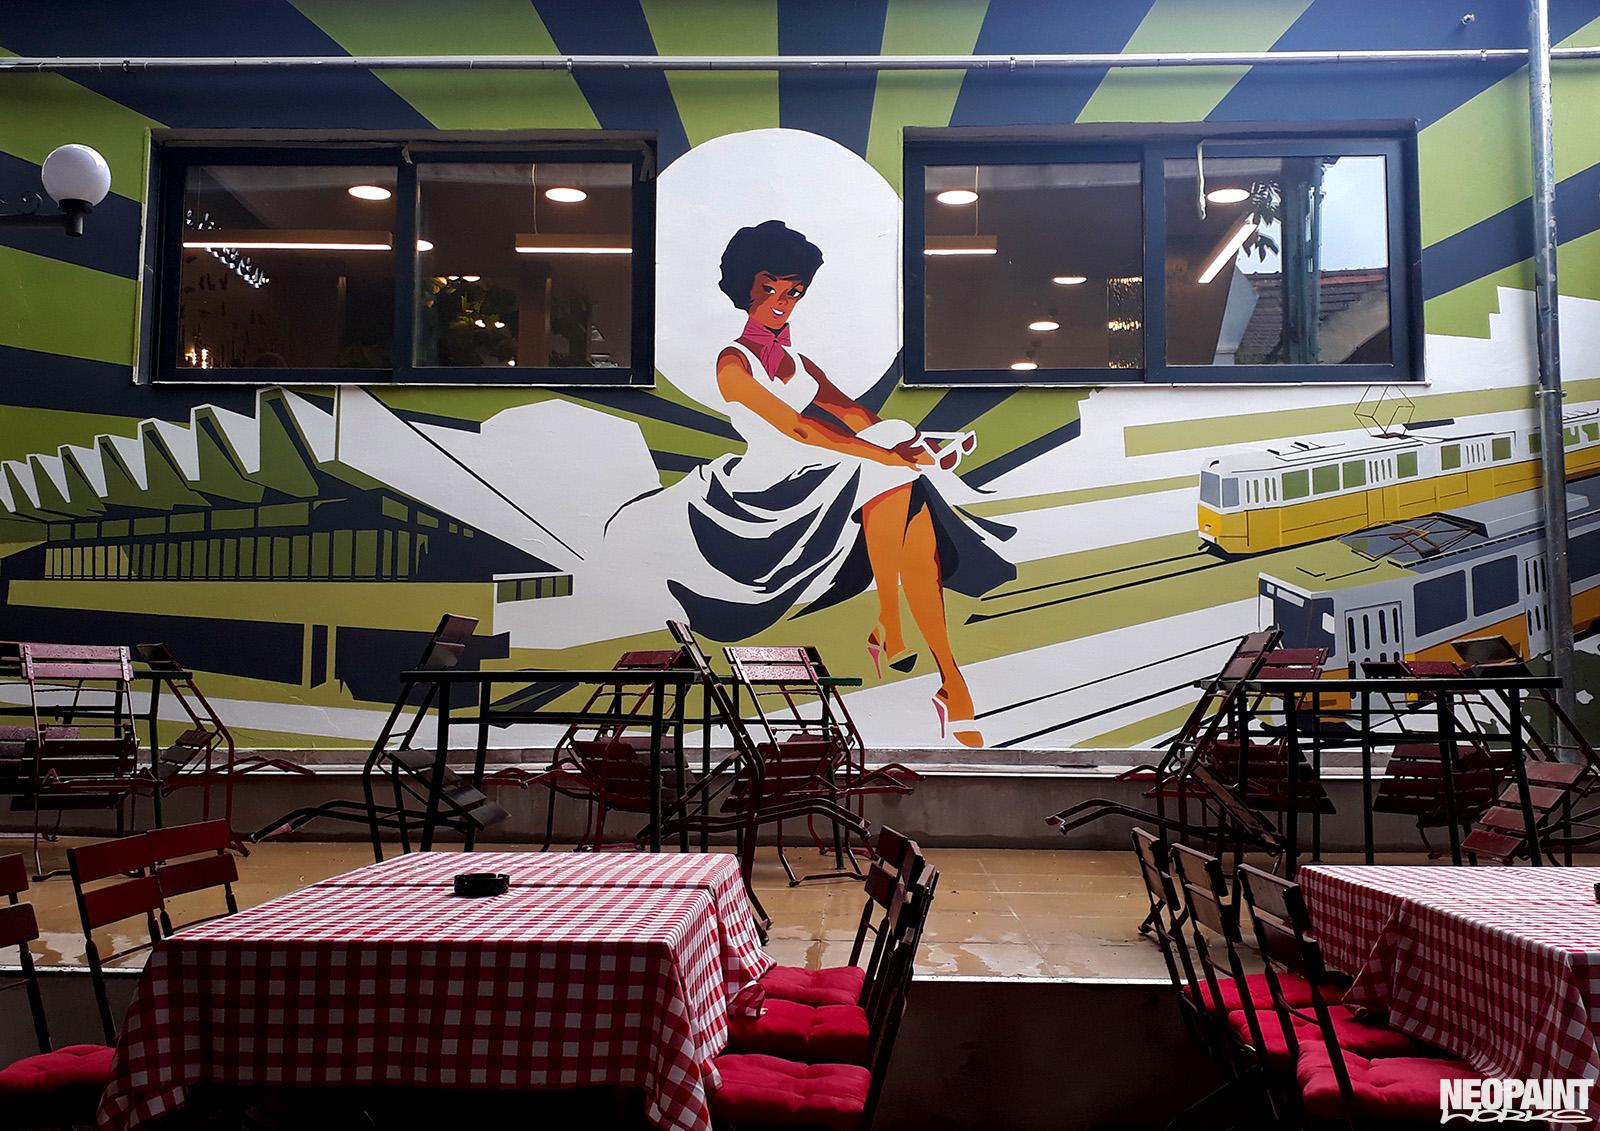 dekorációs-falfestés-il-treno-dekor-neopaint